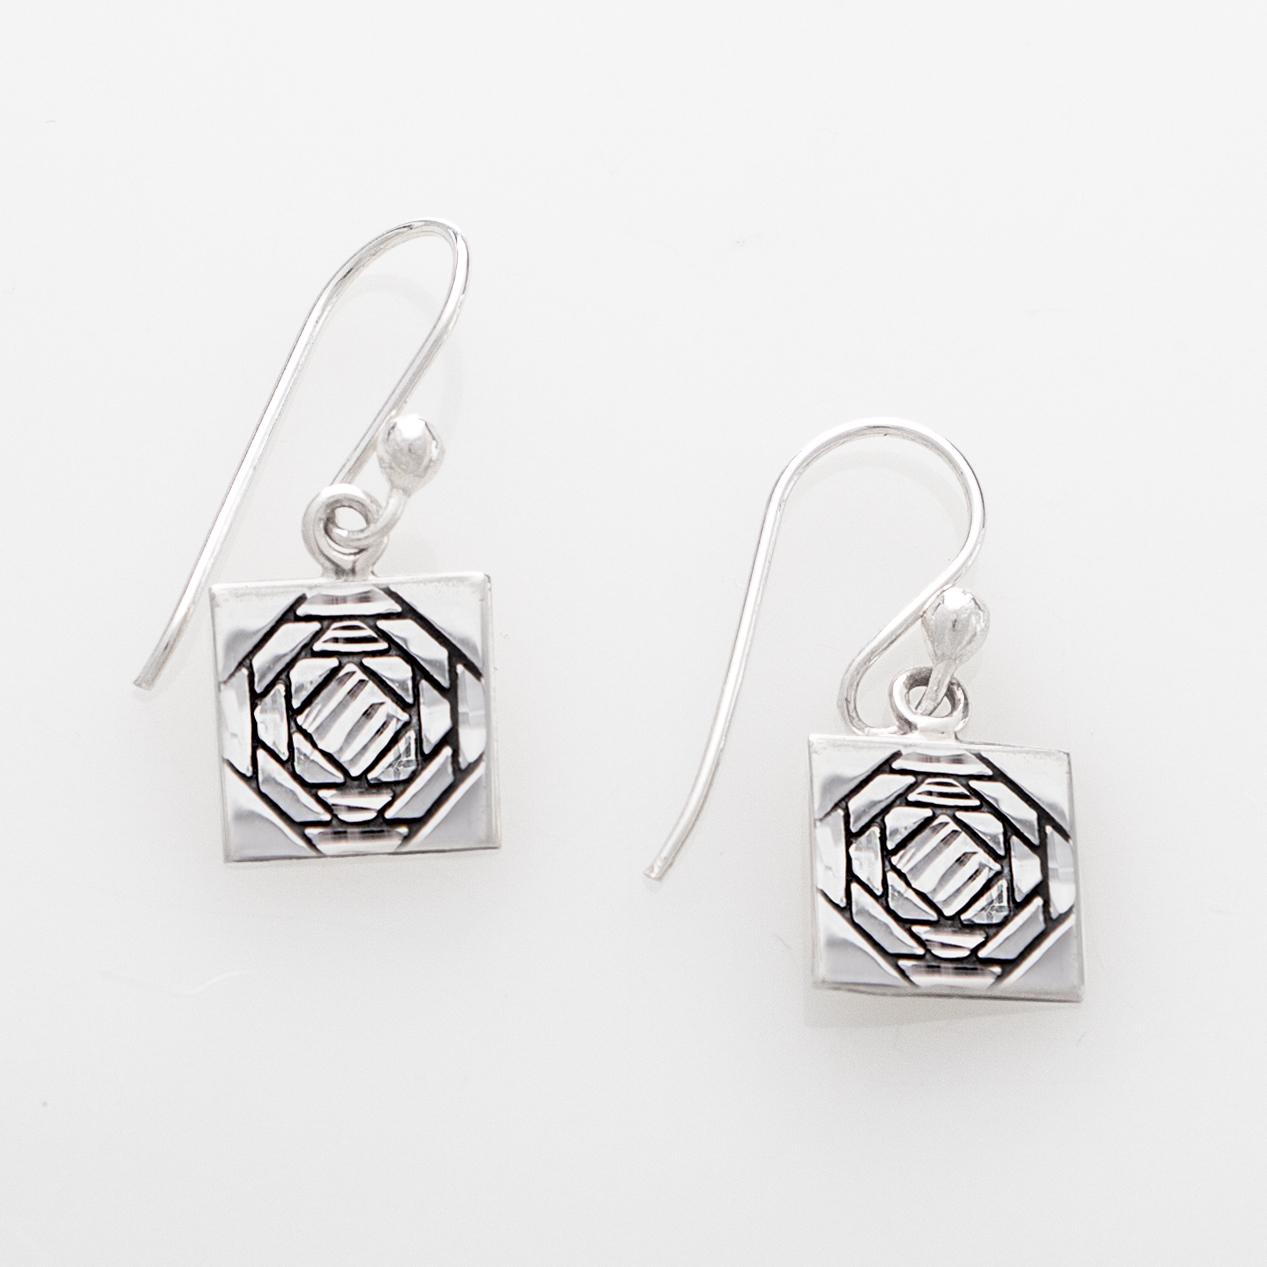 Friendship Pineapple Quilt Jewelry Hook Earrings